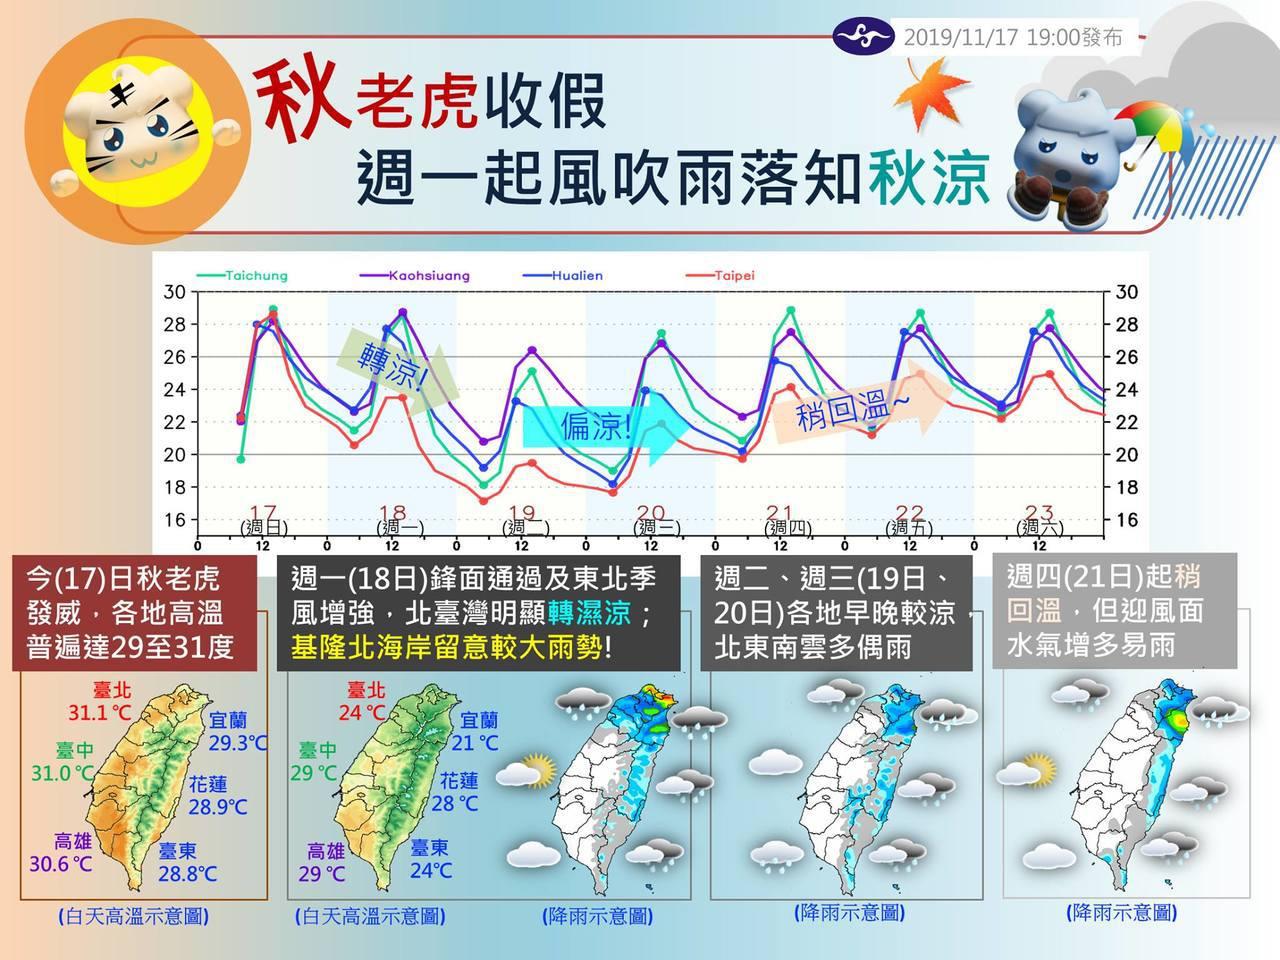 中央氣象局臉書粉絲團「報天氣」解析未來一周天氣。圖/取自報天氣臉書